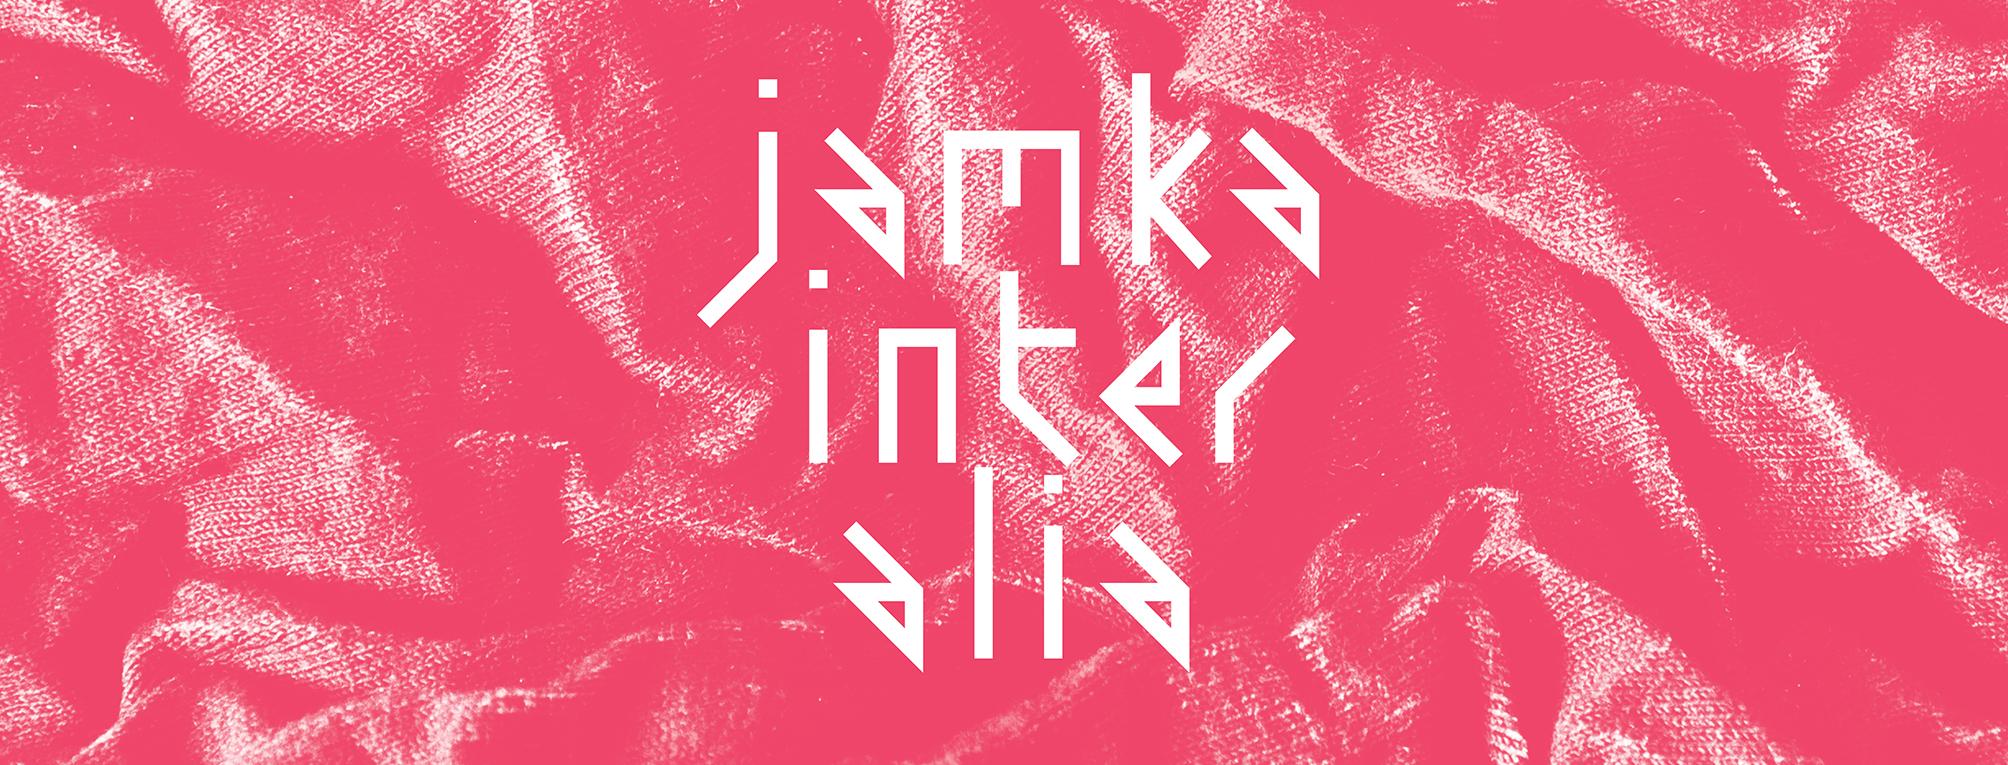 Jamka Inter Alia